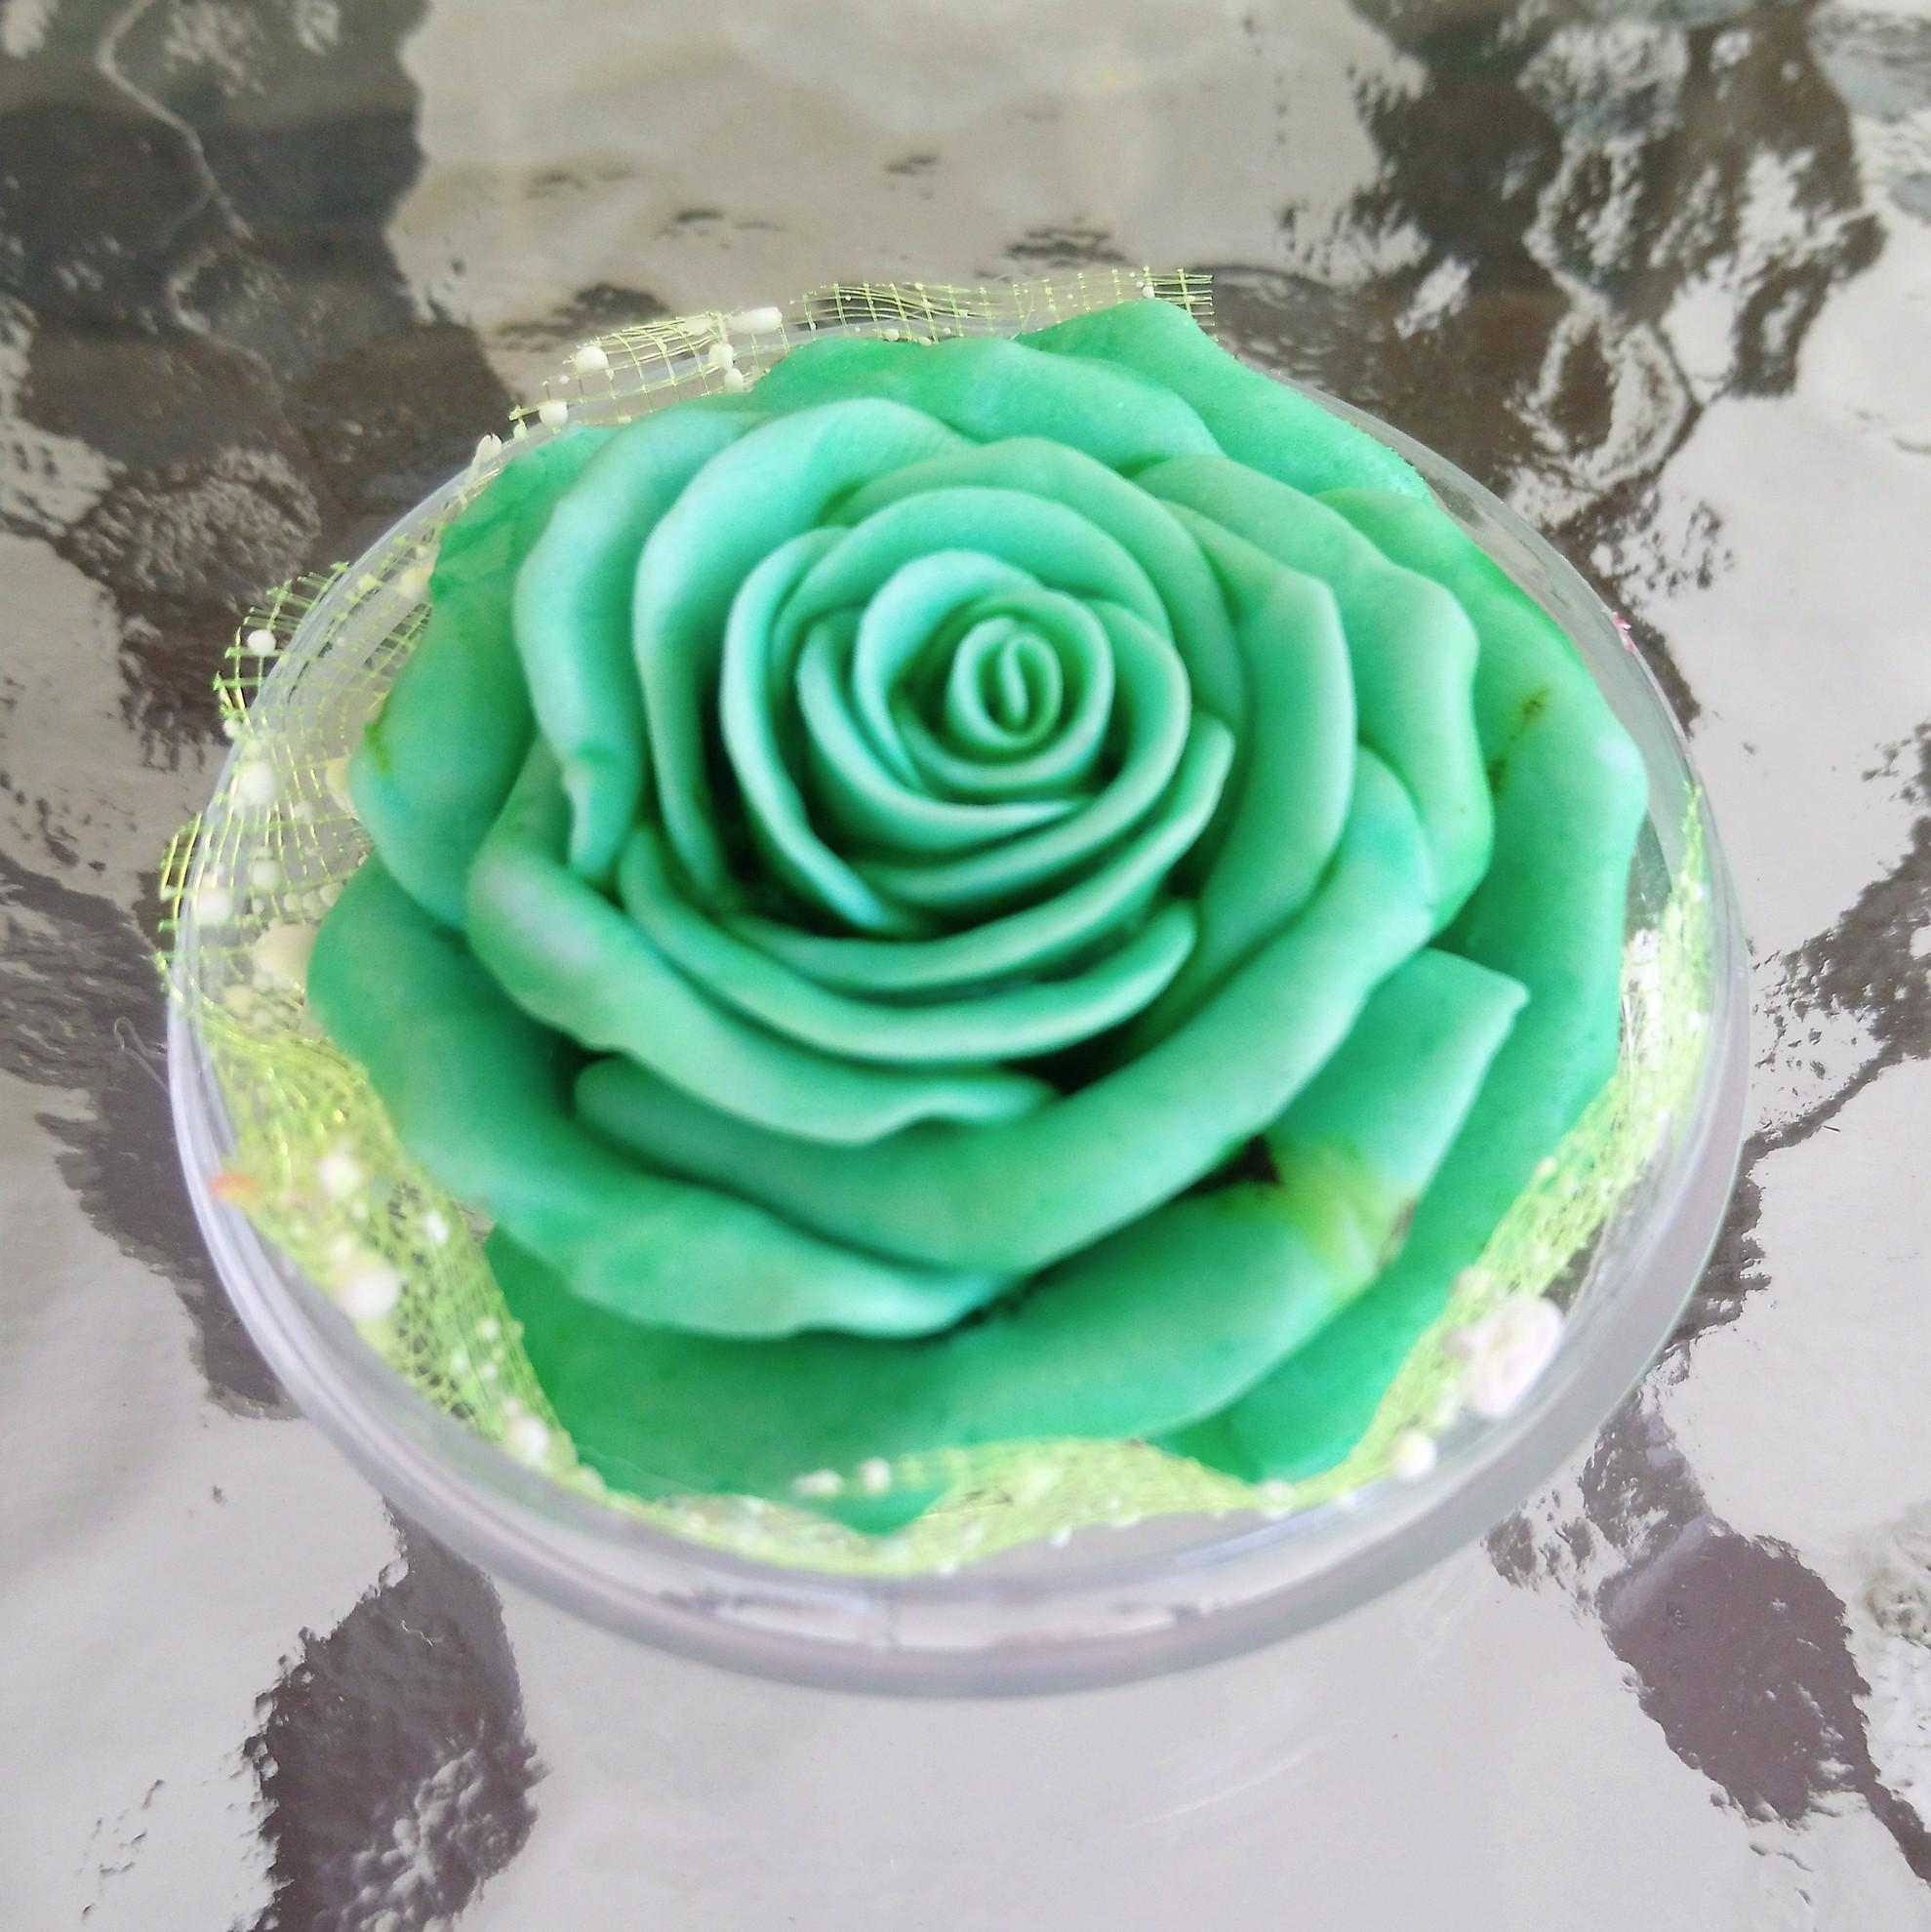 Bild von Eine handgeschnitzte Rose aus nach Rose duftender natürlicher Seife. Seifenblume. Hochzeitsbevorzugungen